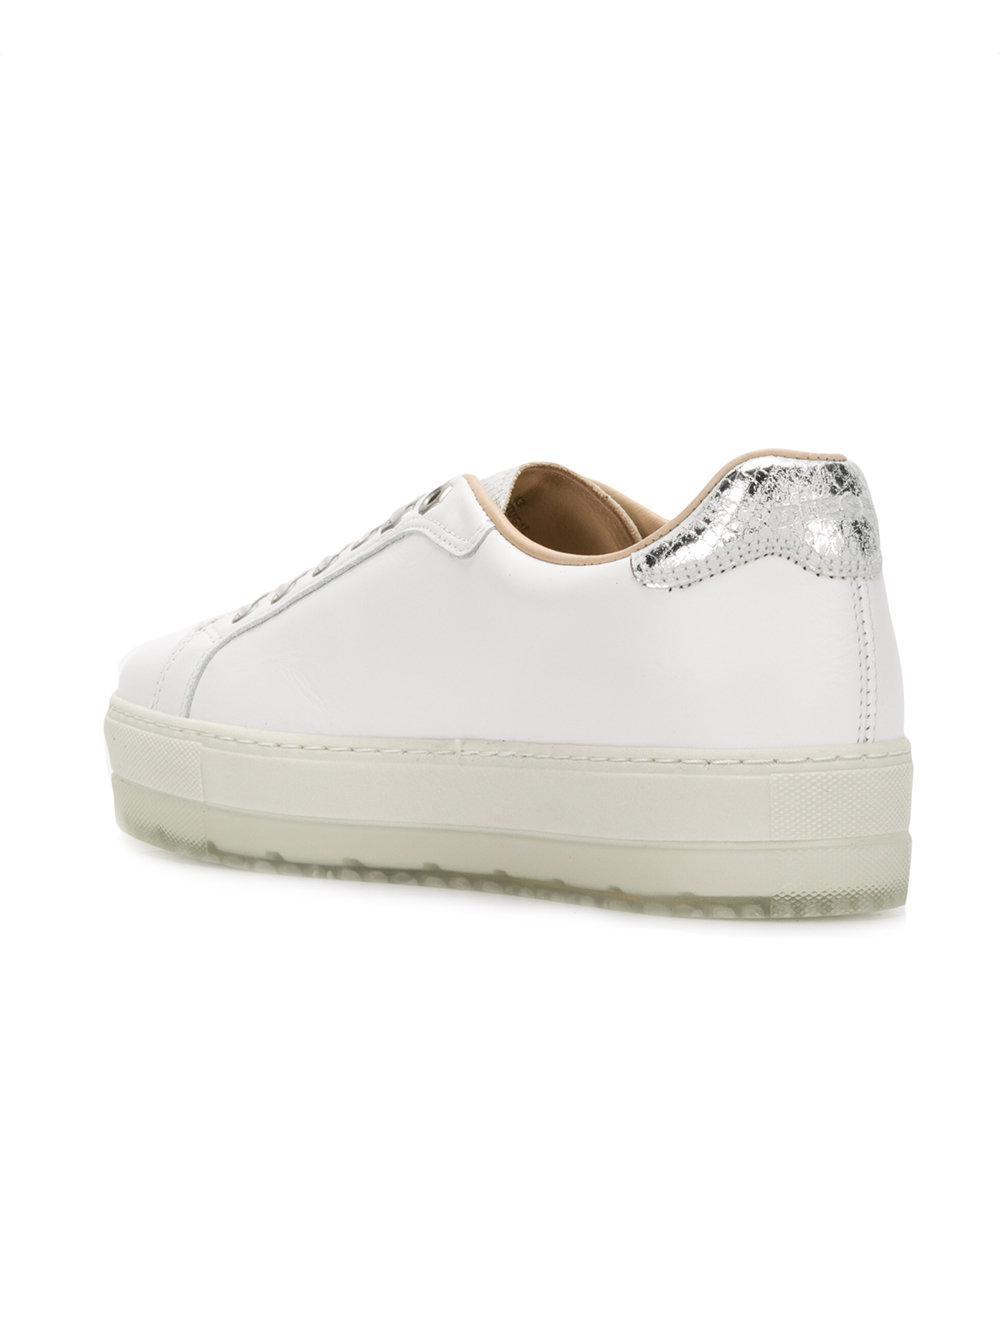 Sandy sneakers - White Diesel NrAJuf0